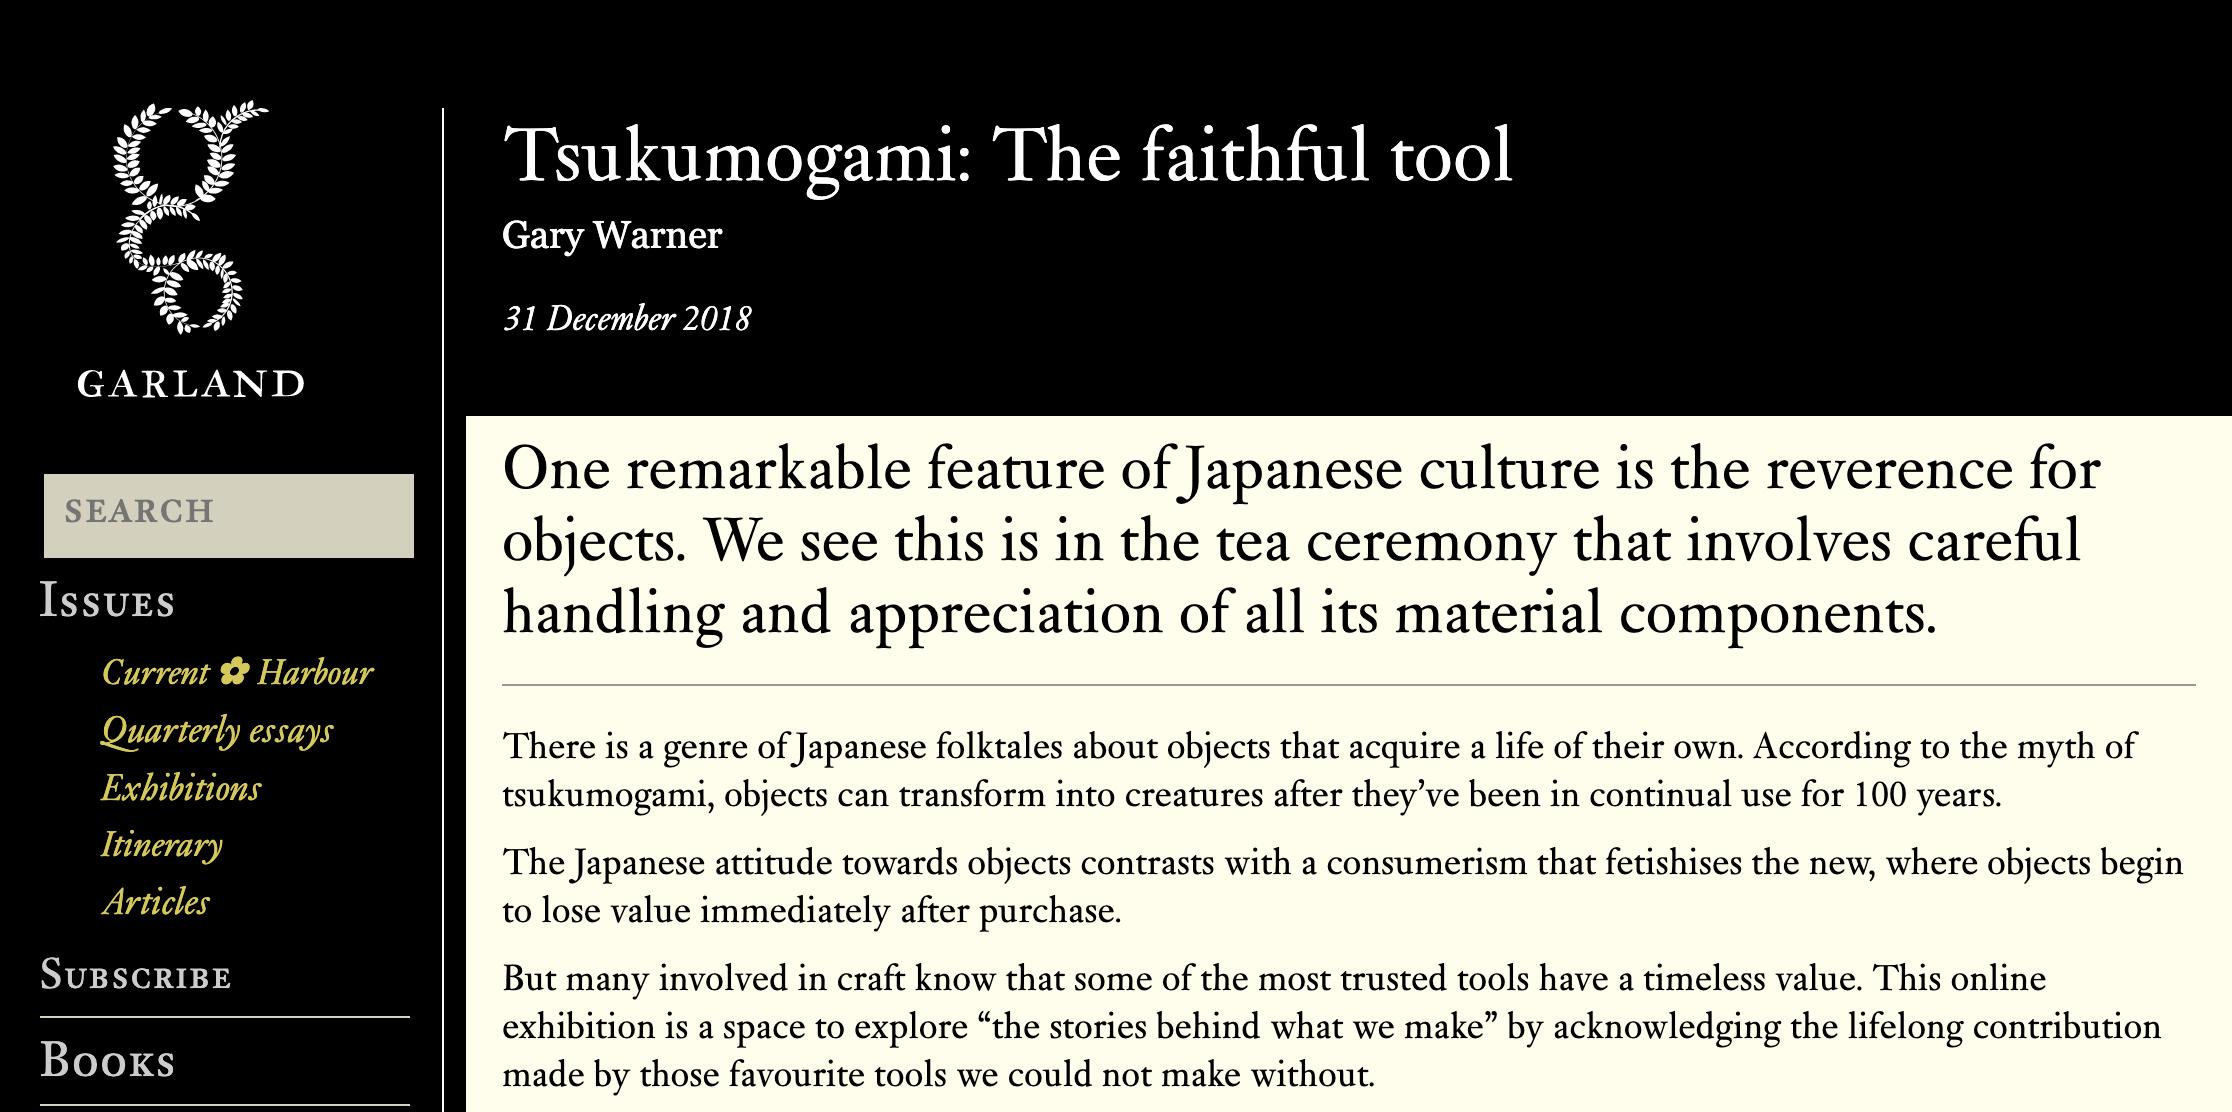 Tsukumogami: The faithful tool